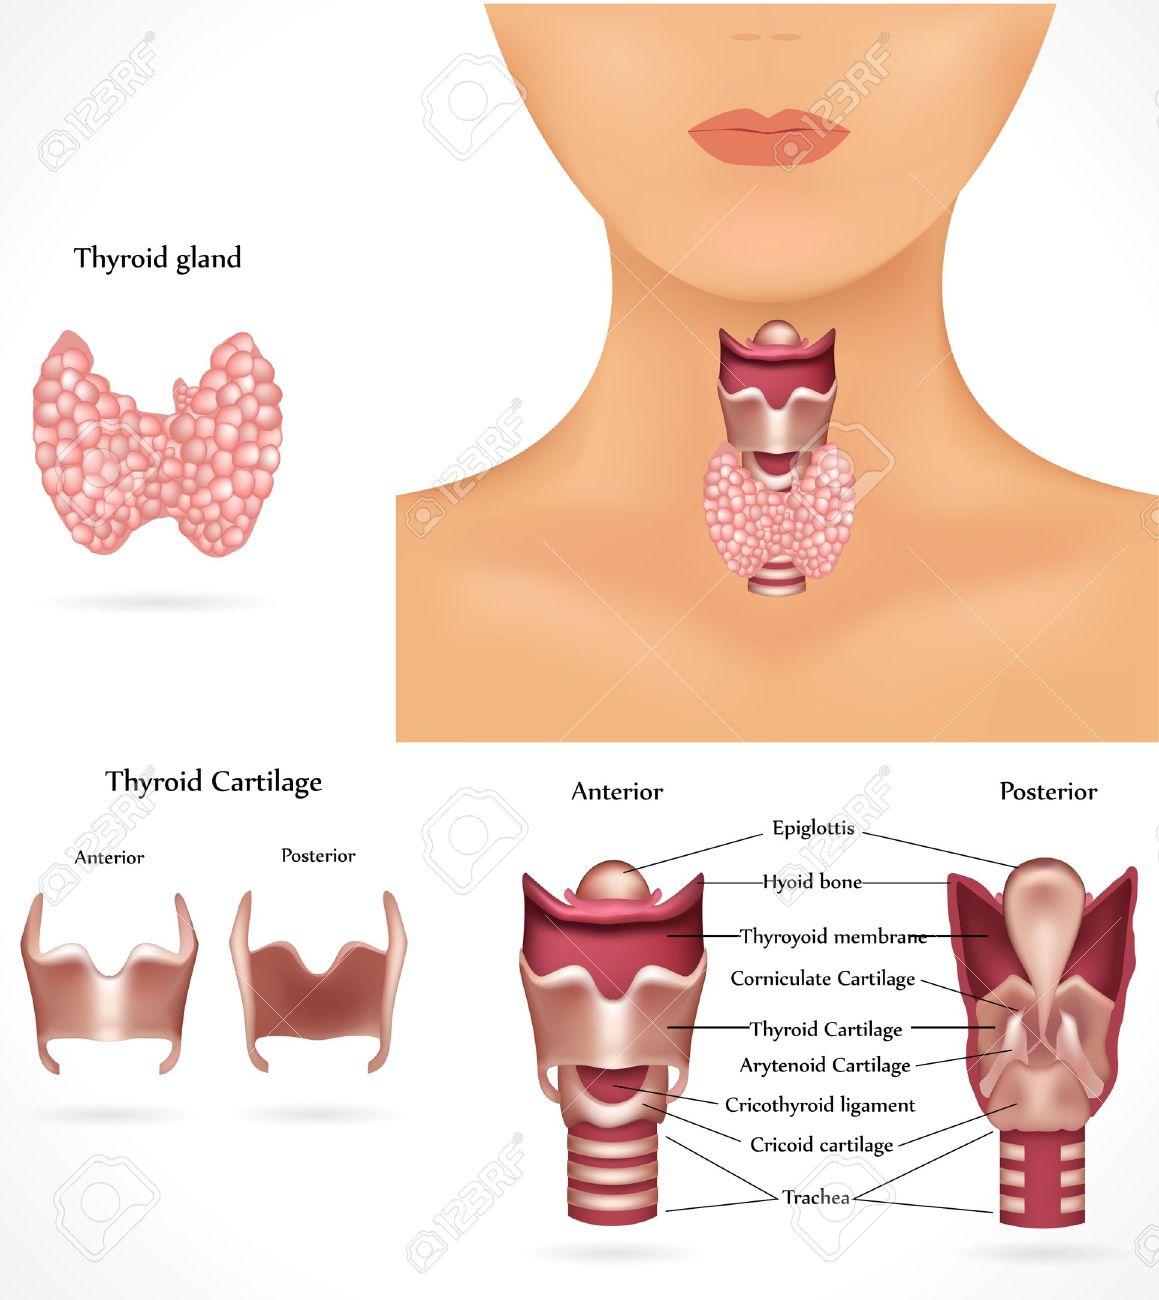 Anatomía De La Glándula Tiroides Ilustraciones Vectoriales, Clip Art ...